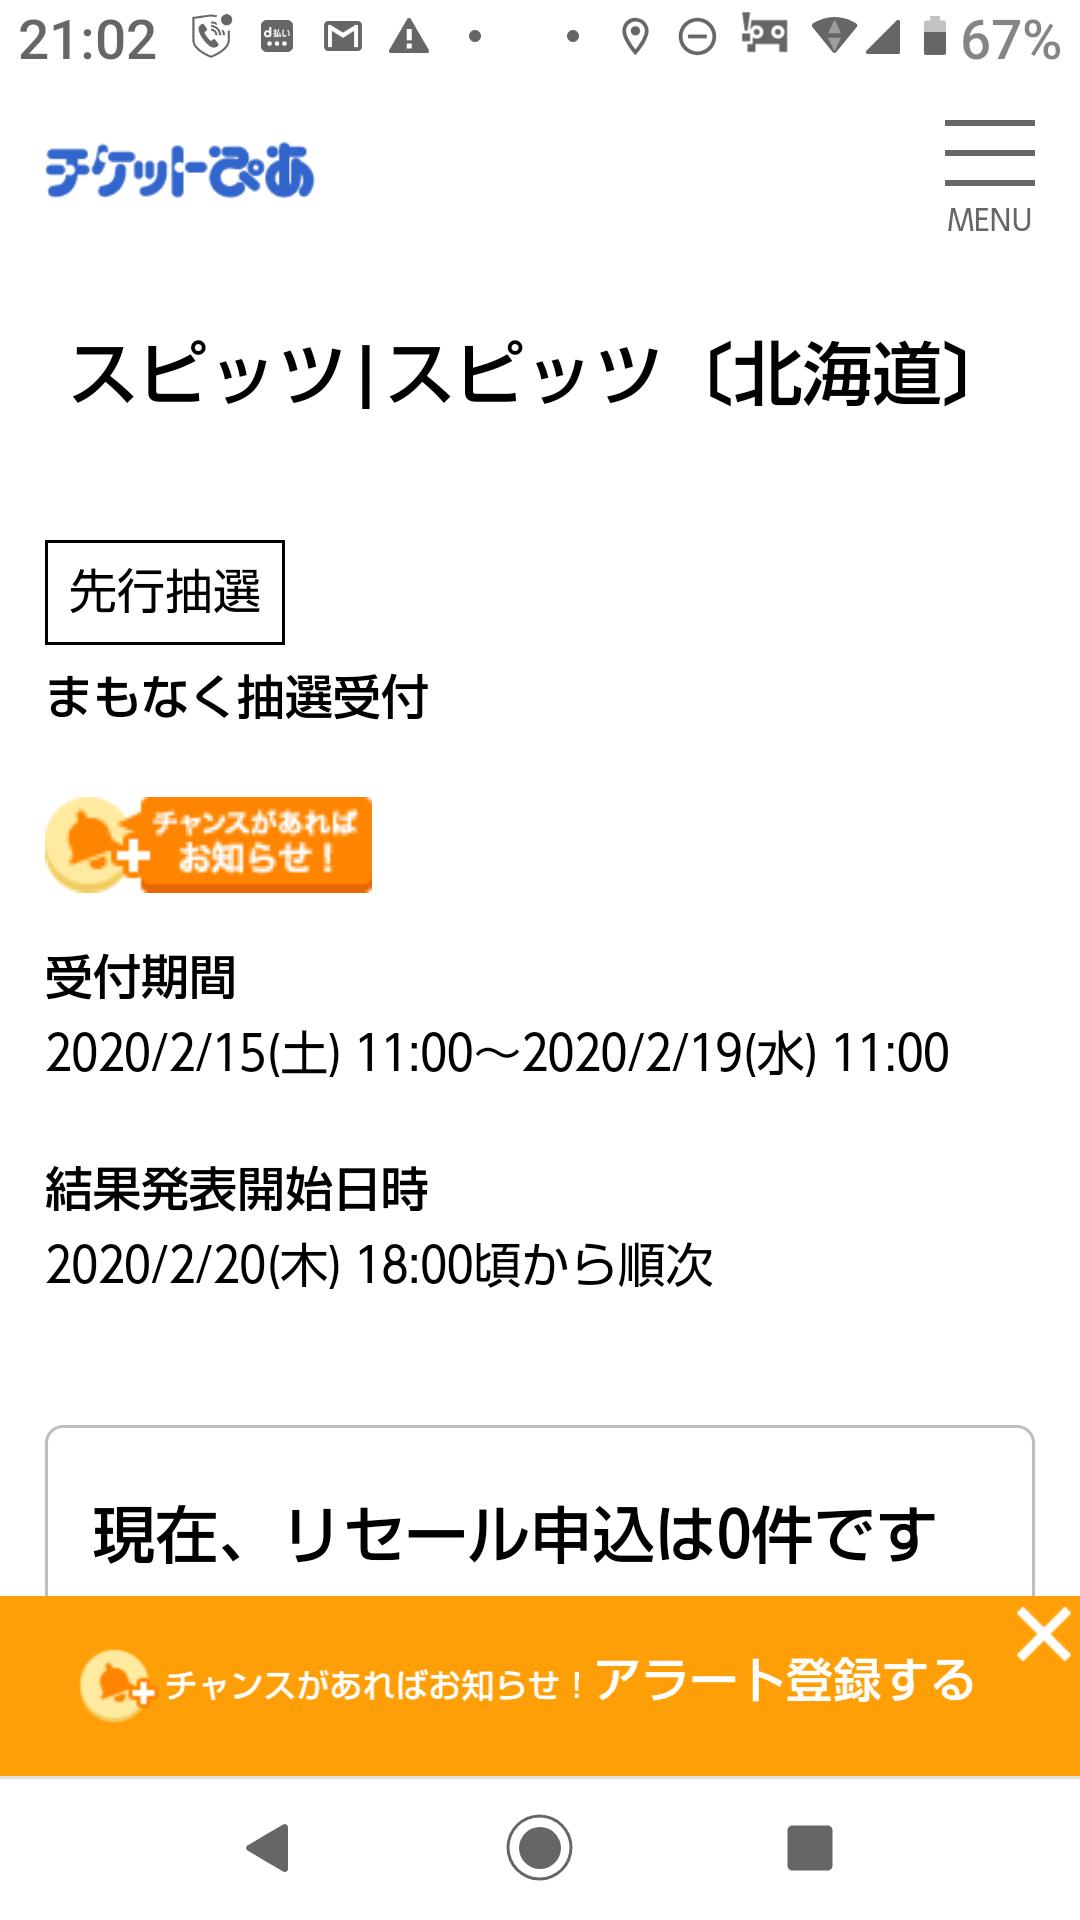 2020 スピッツ ライブ